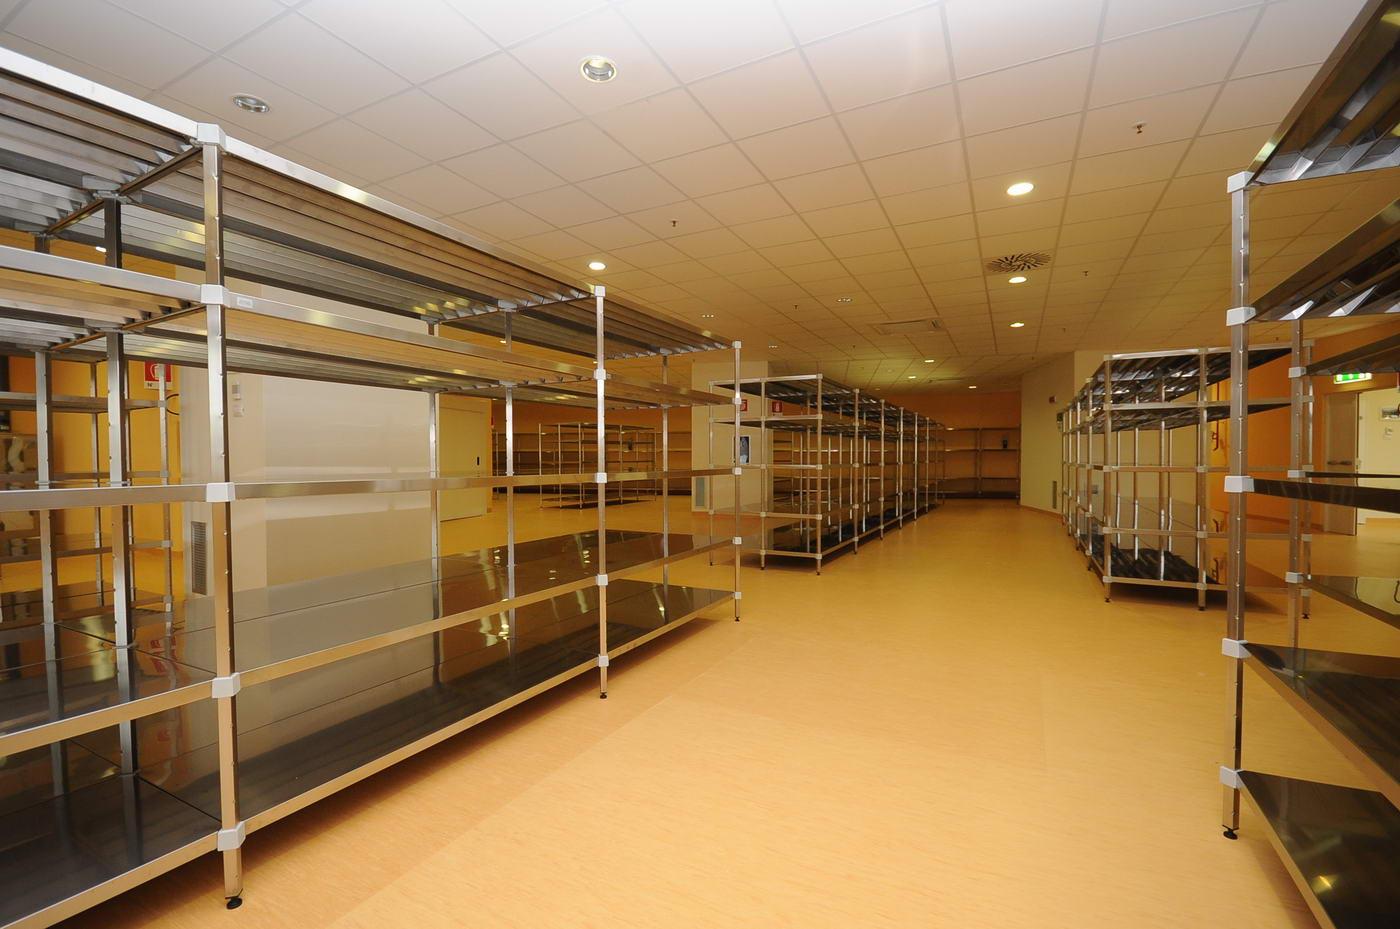 Scaffalature magazzino economale e farmacia – Foto 2